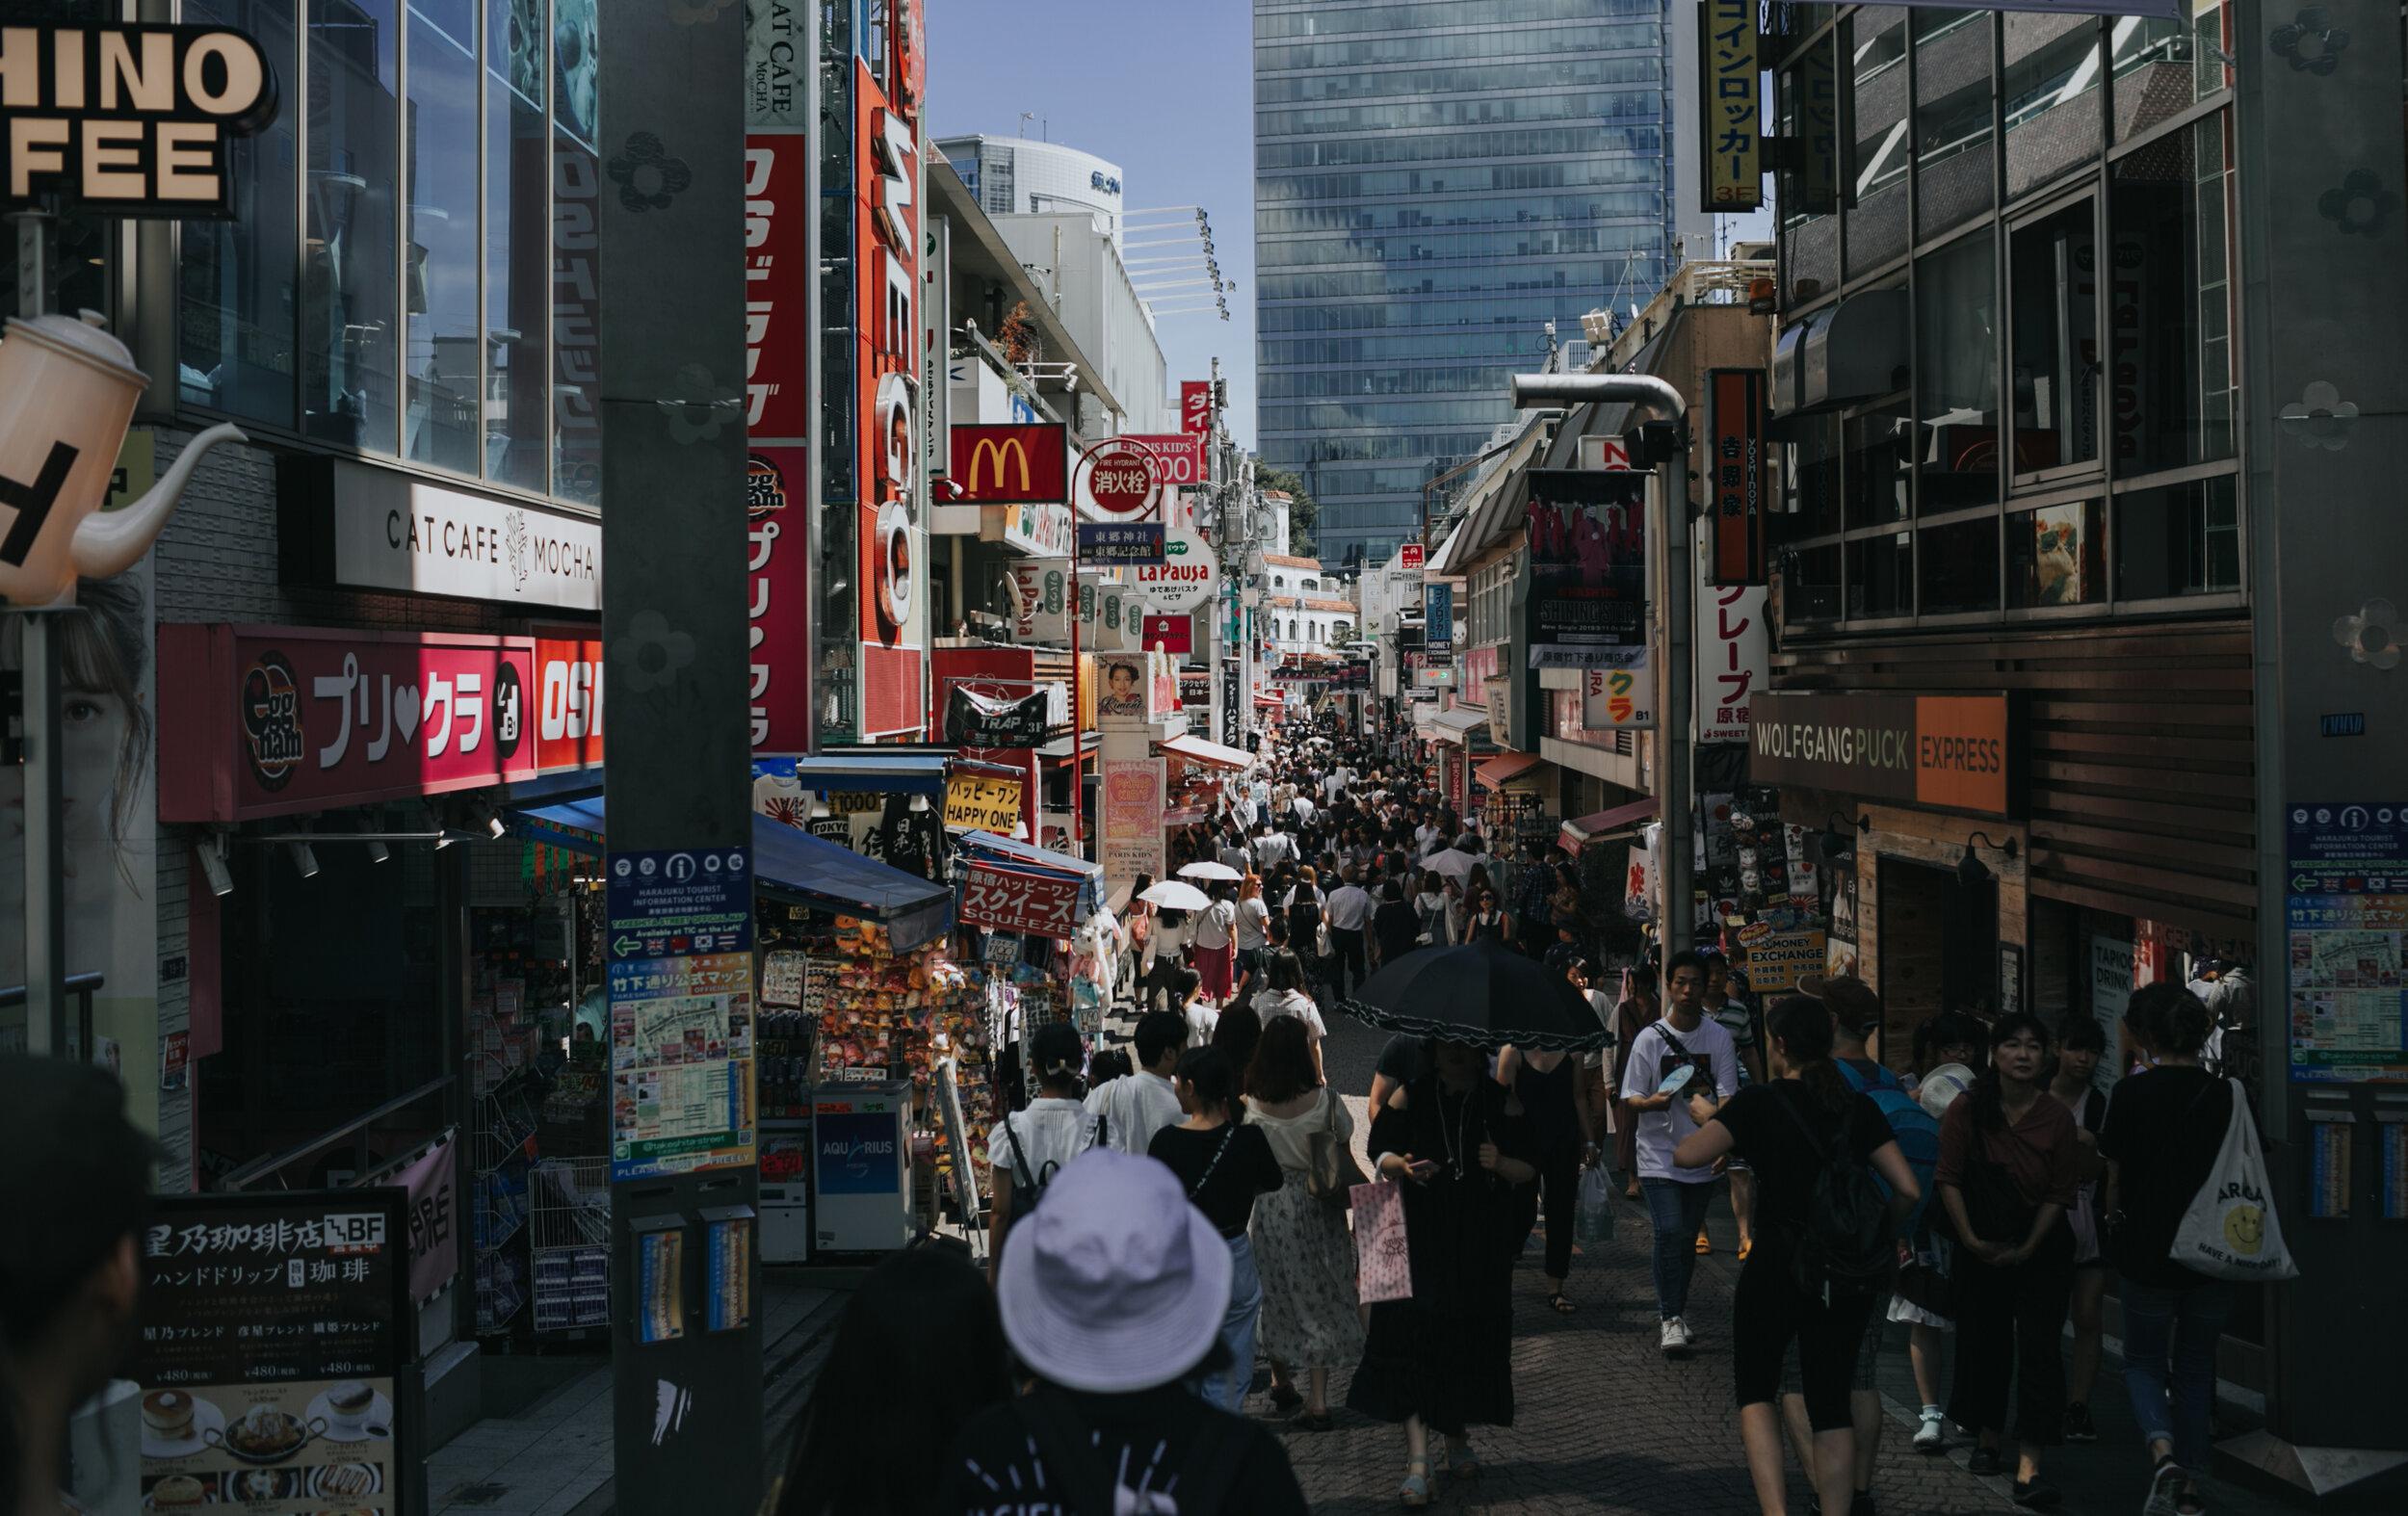 tokyo sept 2019-17.jpg